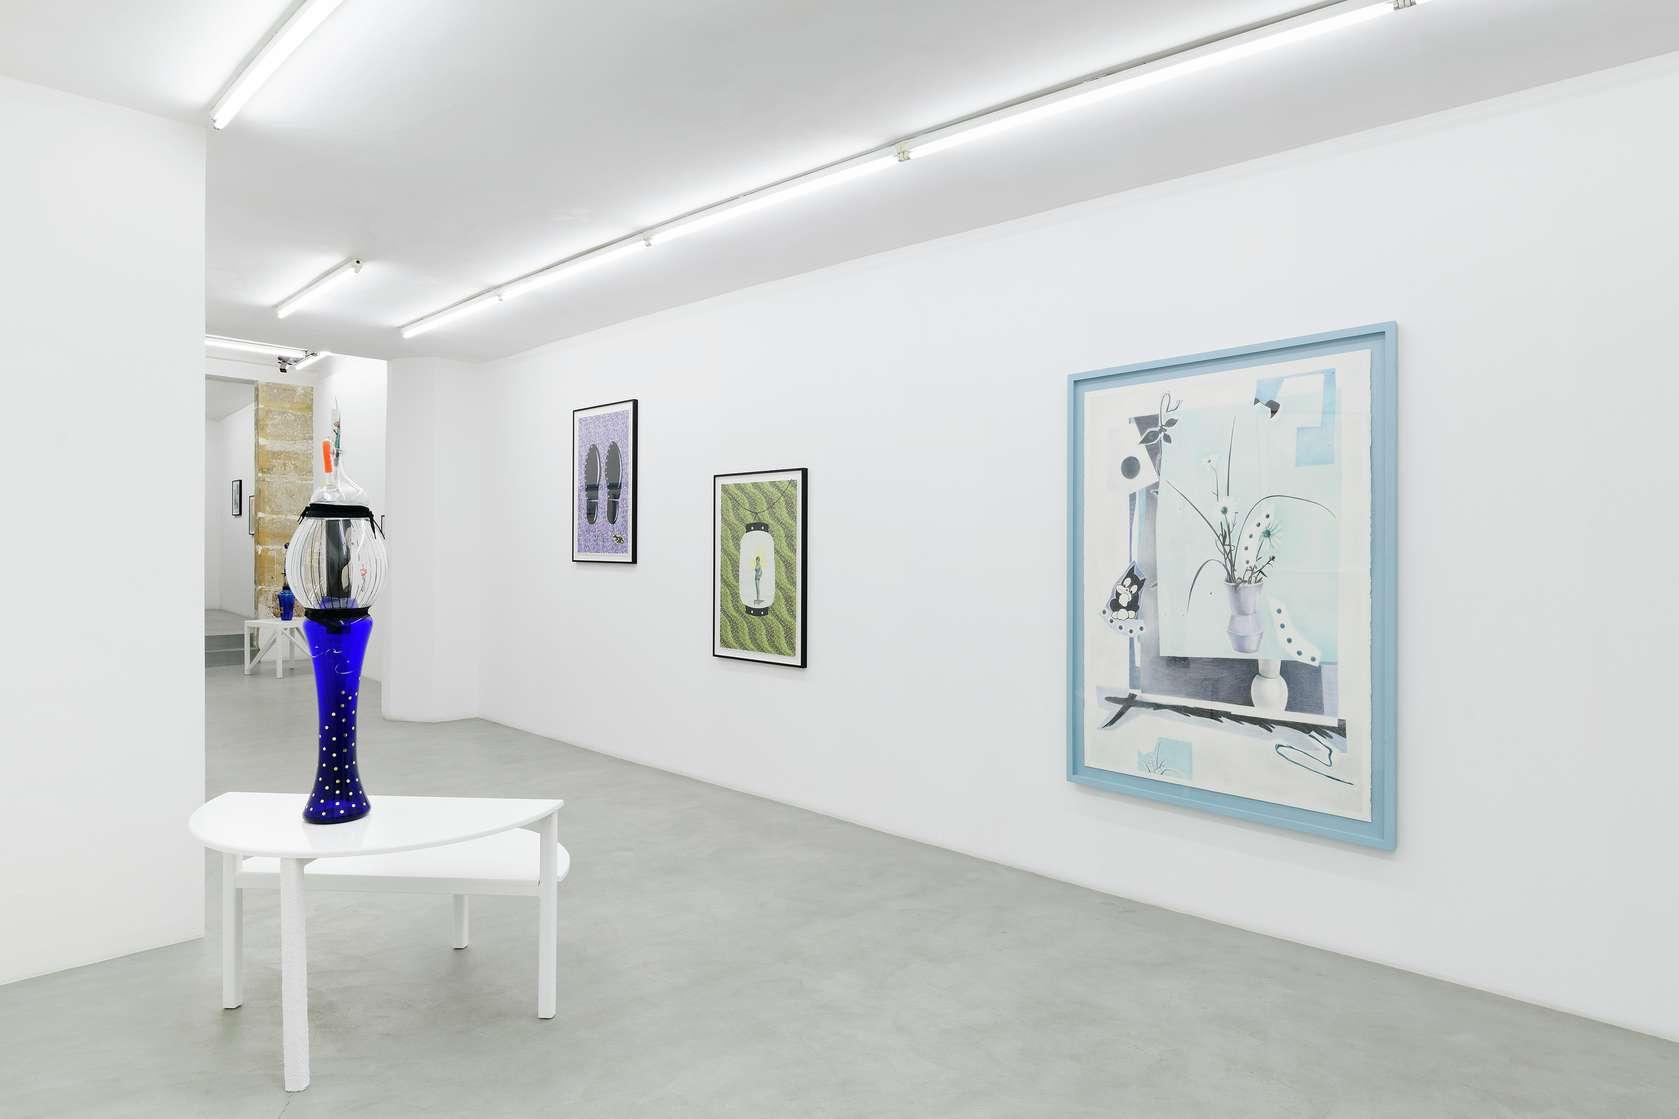 Hippolyte Hentgen Sunday in Kyoto Semiose 12 janvier  — 9 février 2019